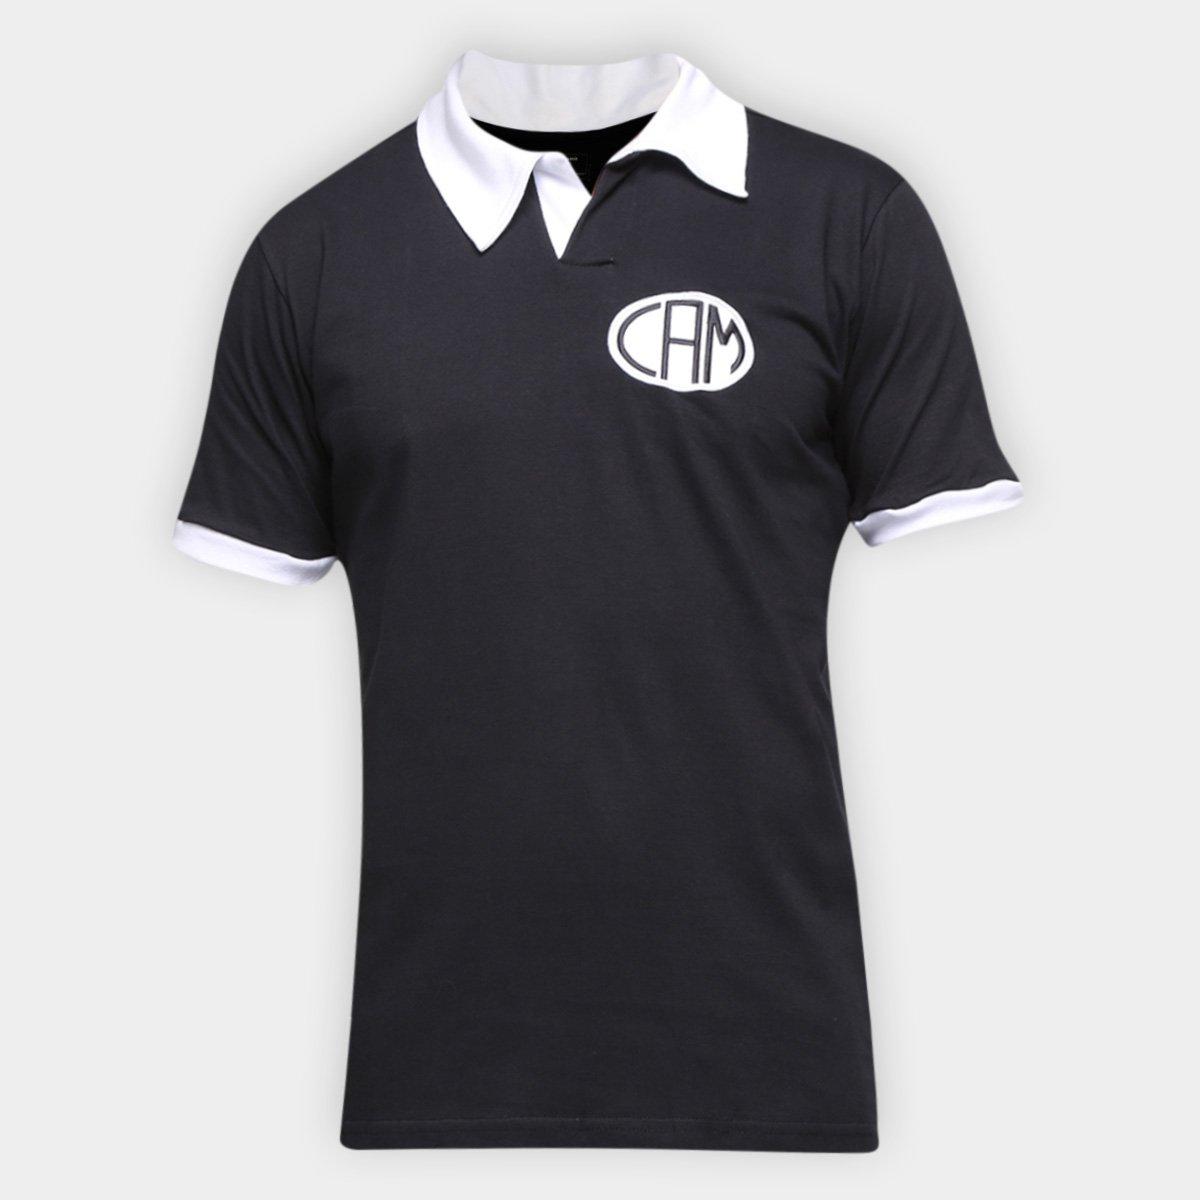 Camisa Polo Atlético Mineiro Design Retrô Mania Masculina